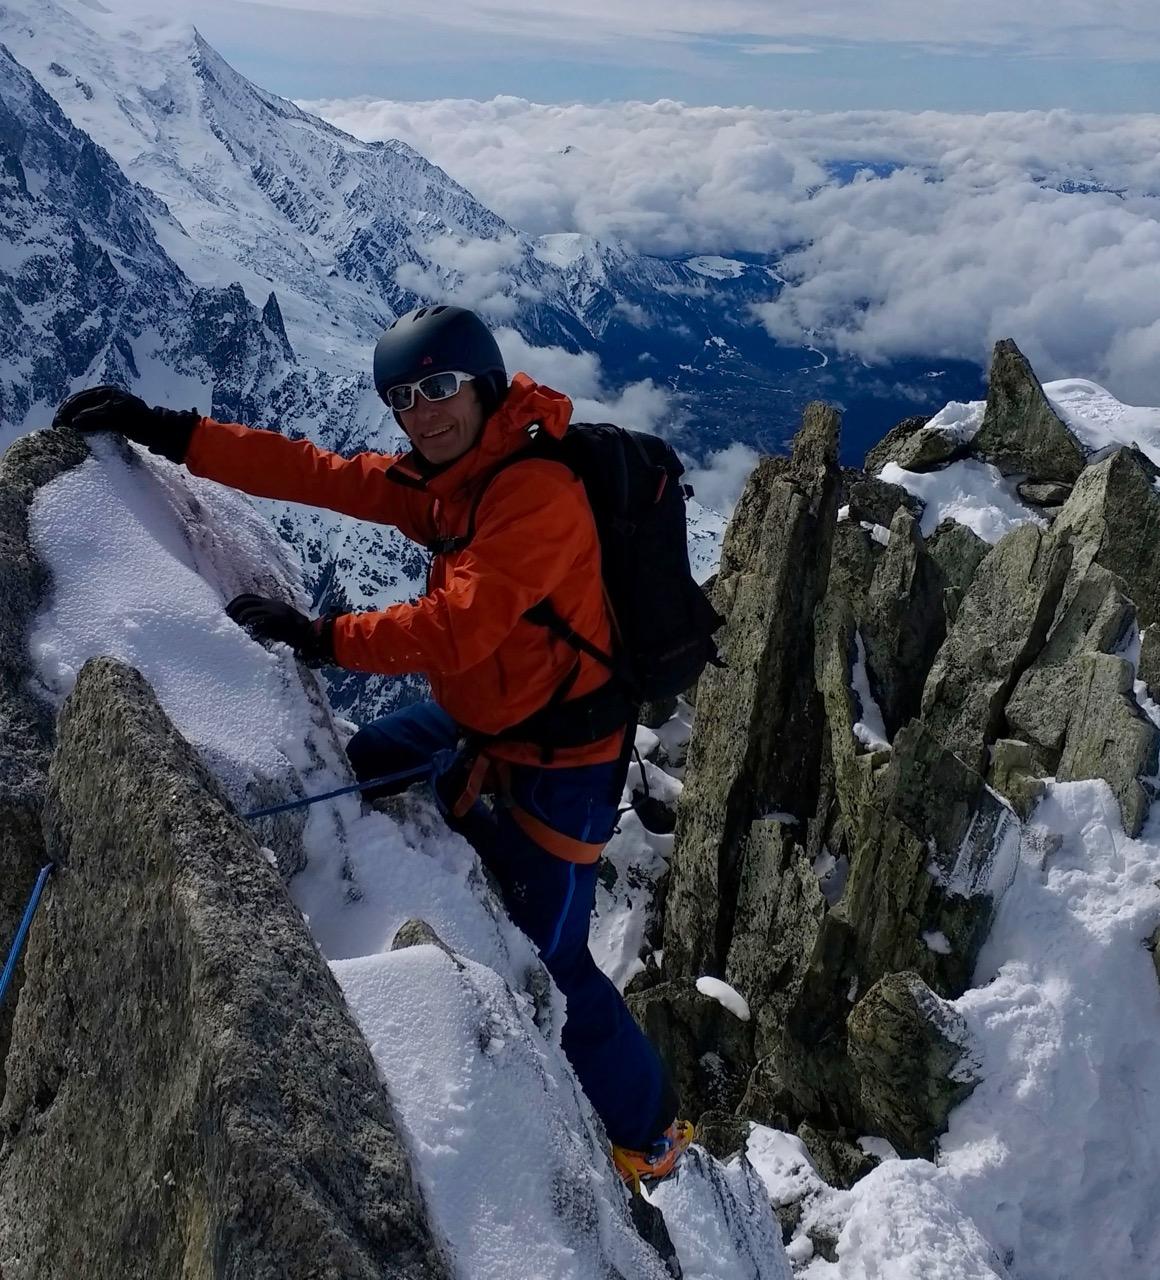 Chamonix Ski Mountaineering, March 2017